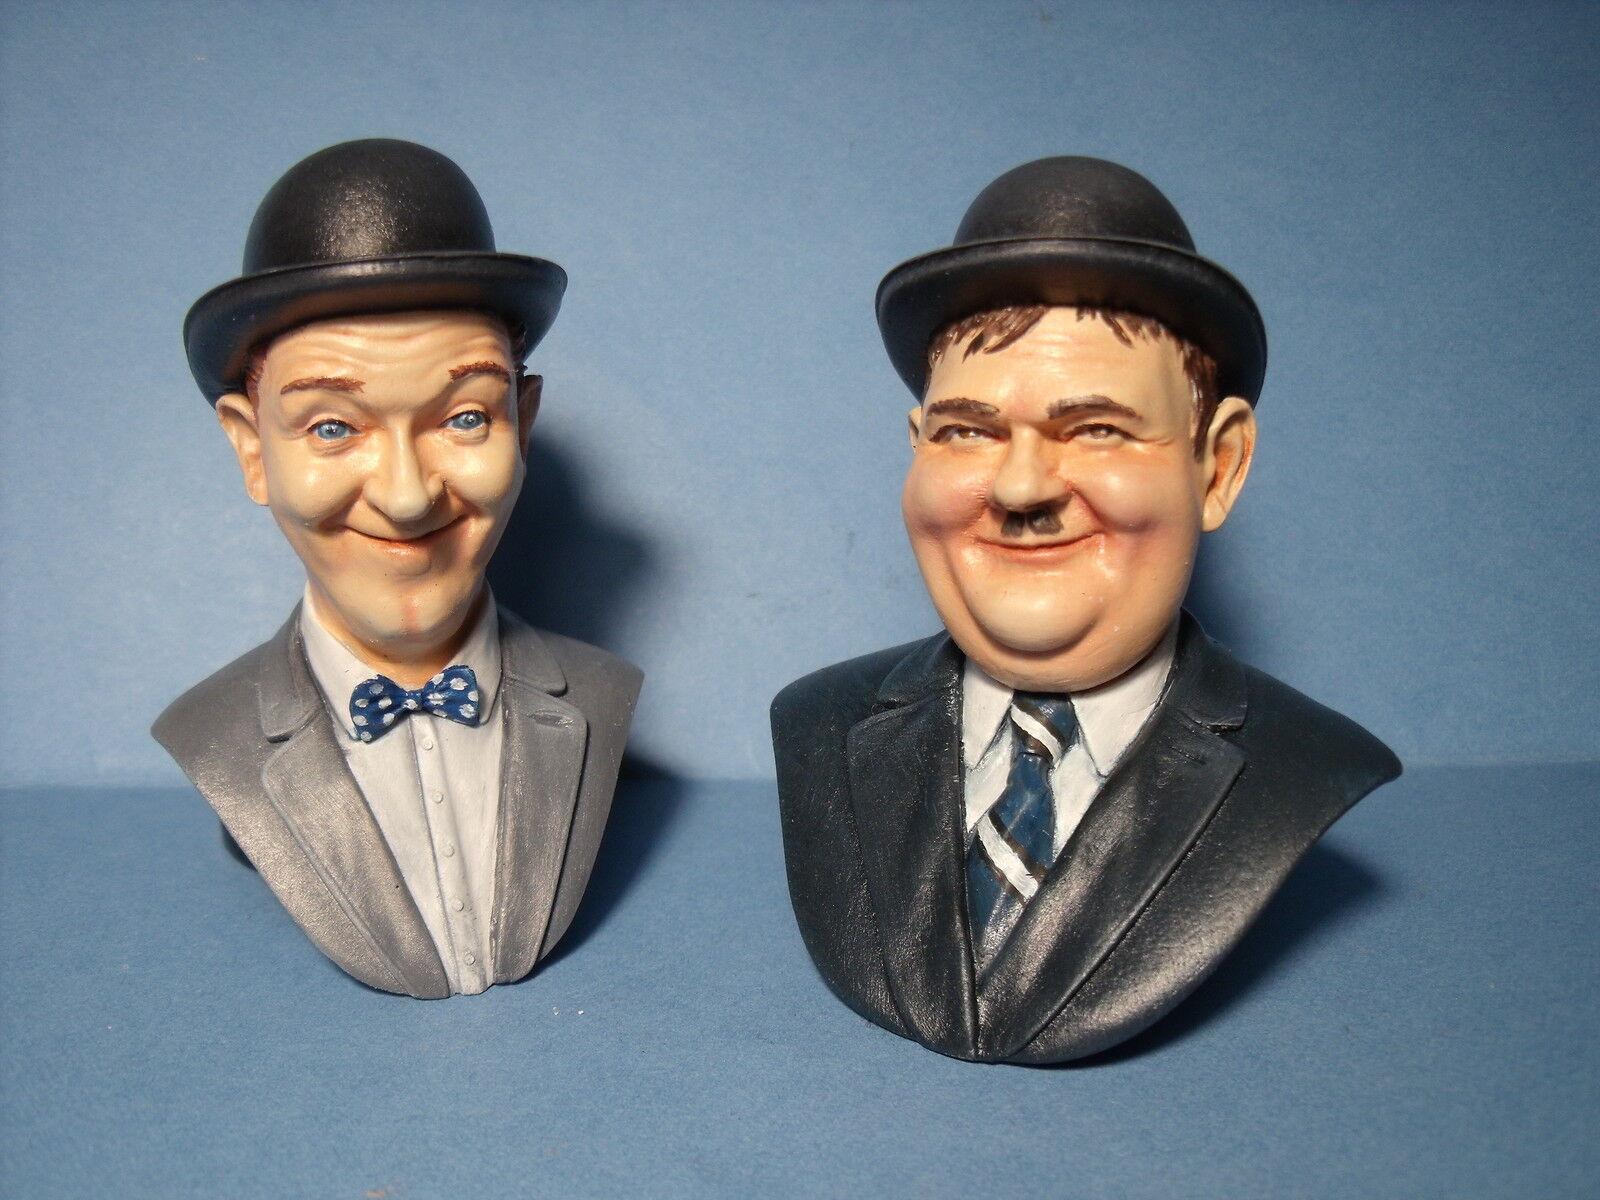 hasta un 50% de descuento Laurel & Hardy Hardy Hardy 18 figuras pintadas hecha por brooom mascota de Phoenix  Ahorre 35% - 70% de descuento